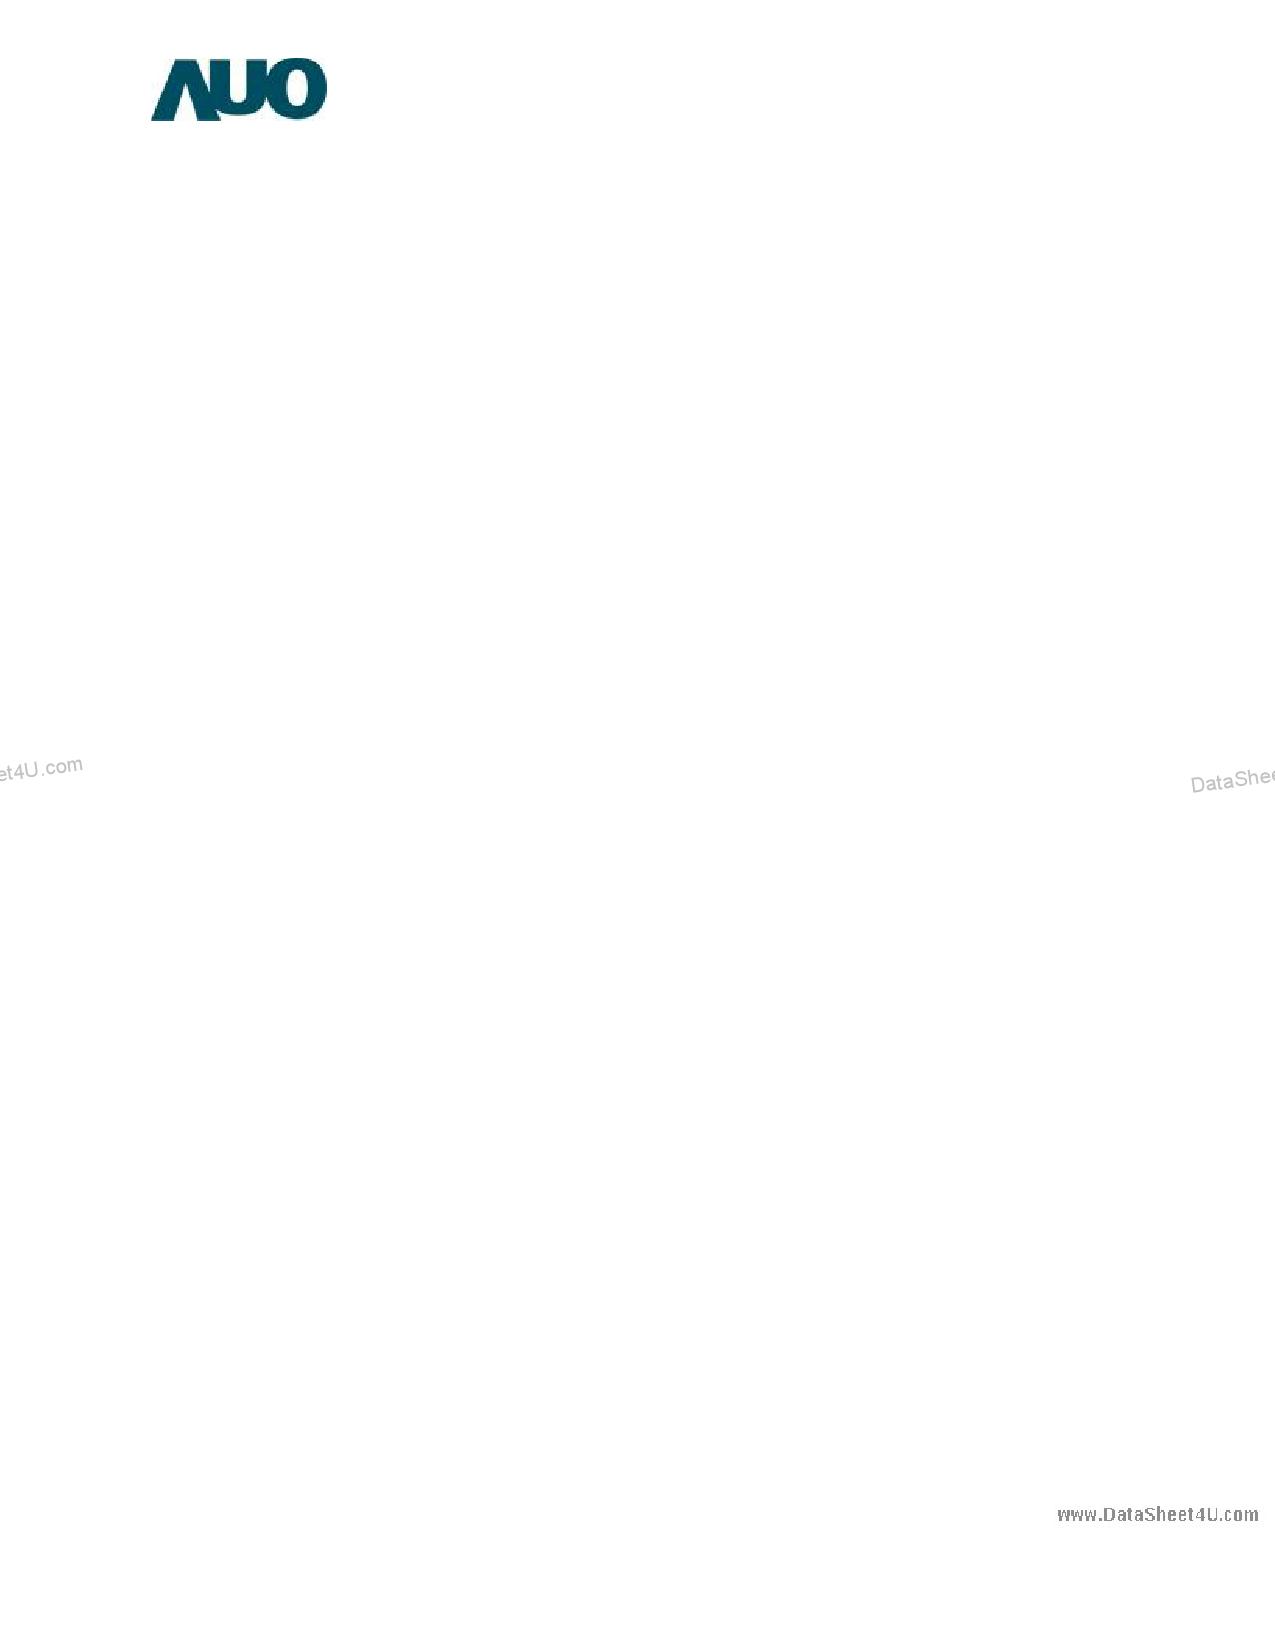 G104SN03-V2 pdf